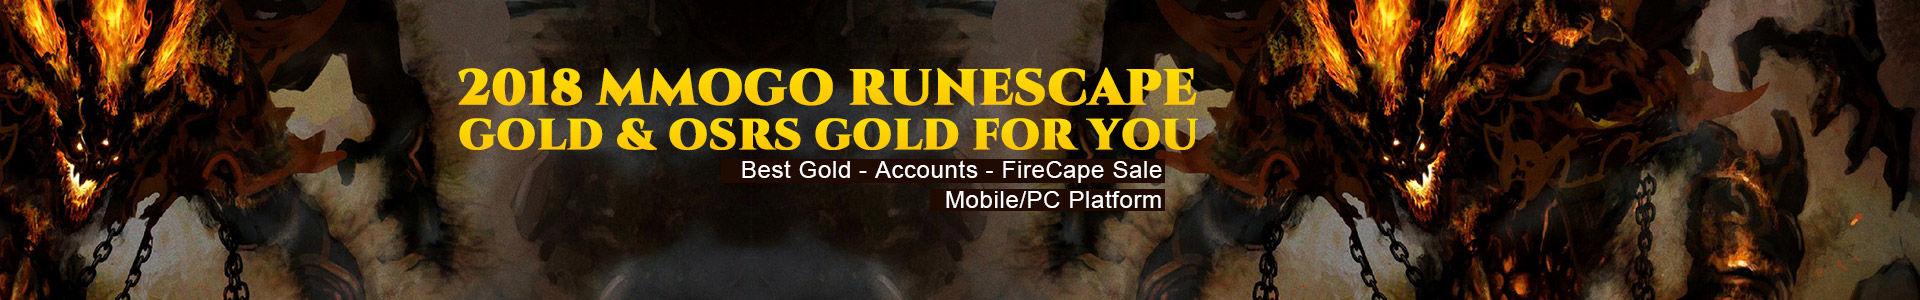 2018 MMOGO RuneScape